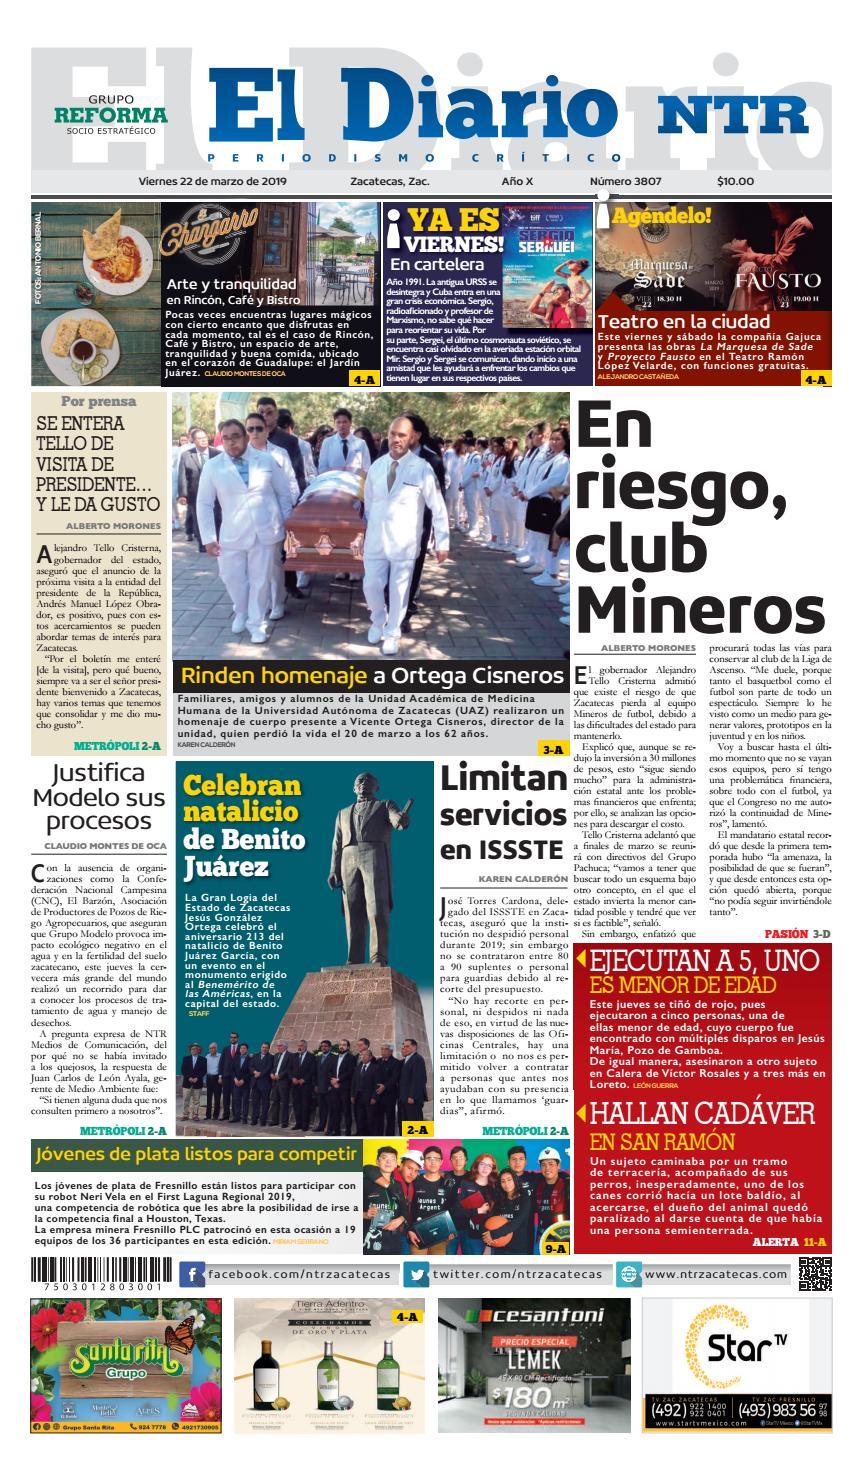 bc16cb523 Diario NTR by NTR Medios de Comunicación - issuu